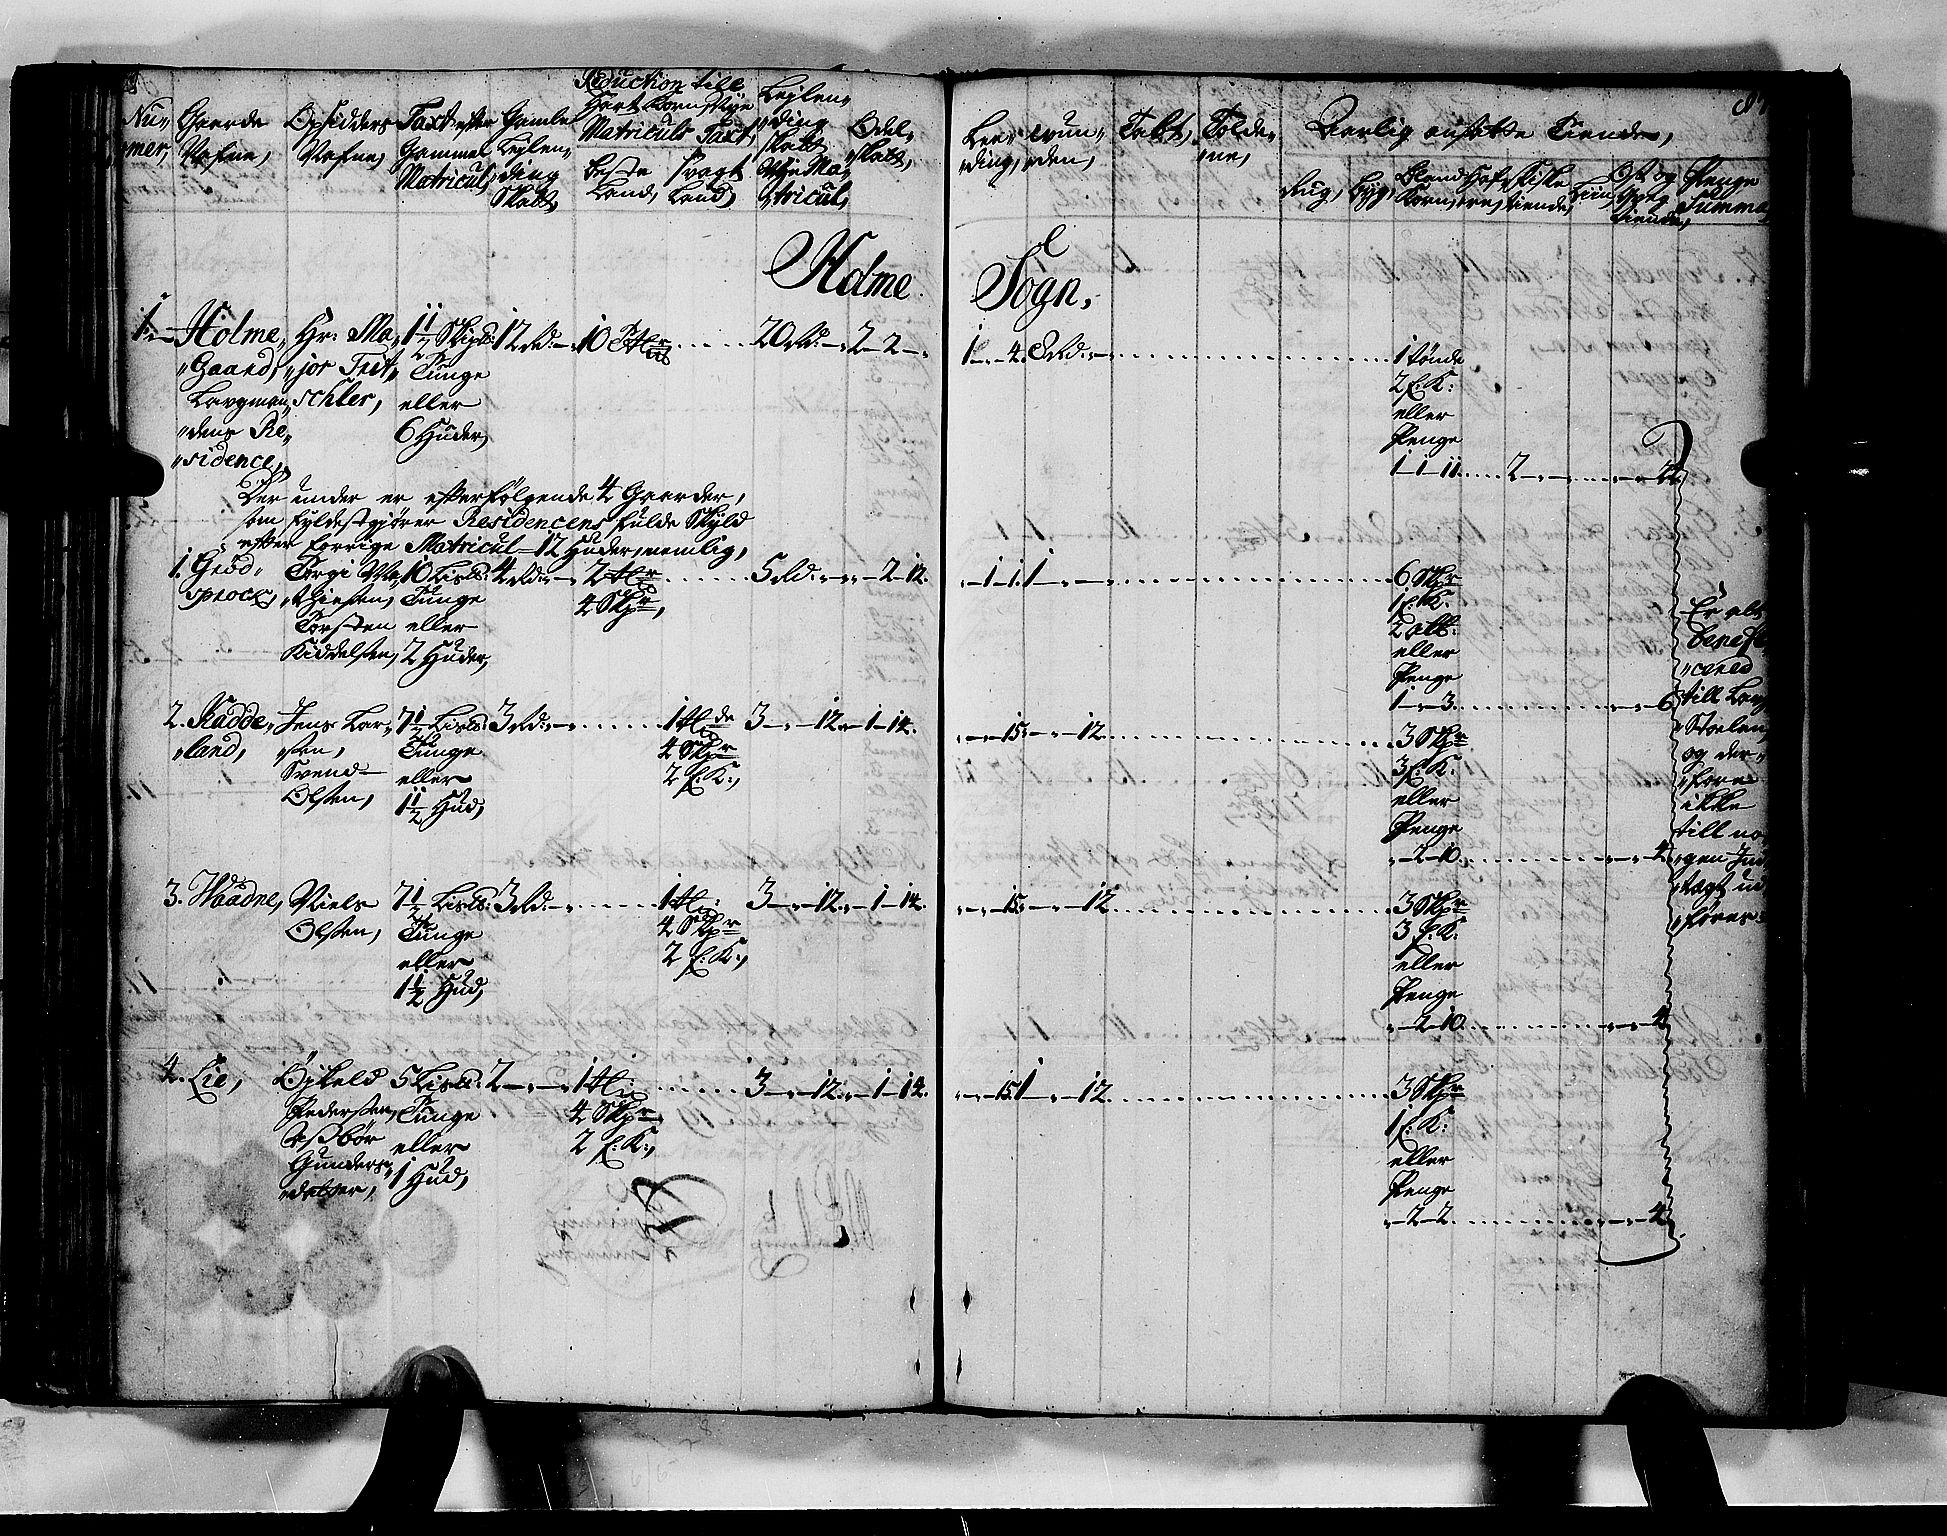 RA, Rentekammeret inntil 1814, Realistisk ordnet avdeling, N/Nb/Nbf/L0128: Mandal matrikkelprotokoll, 1723, s. 86b-87a